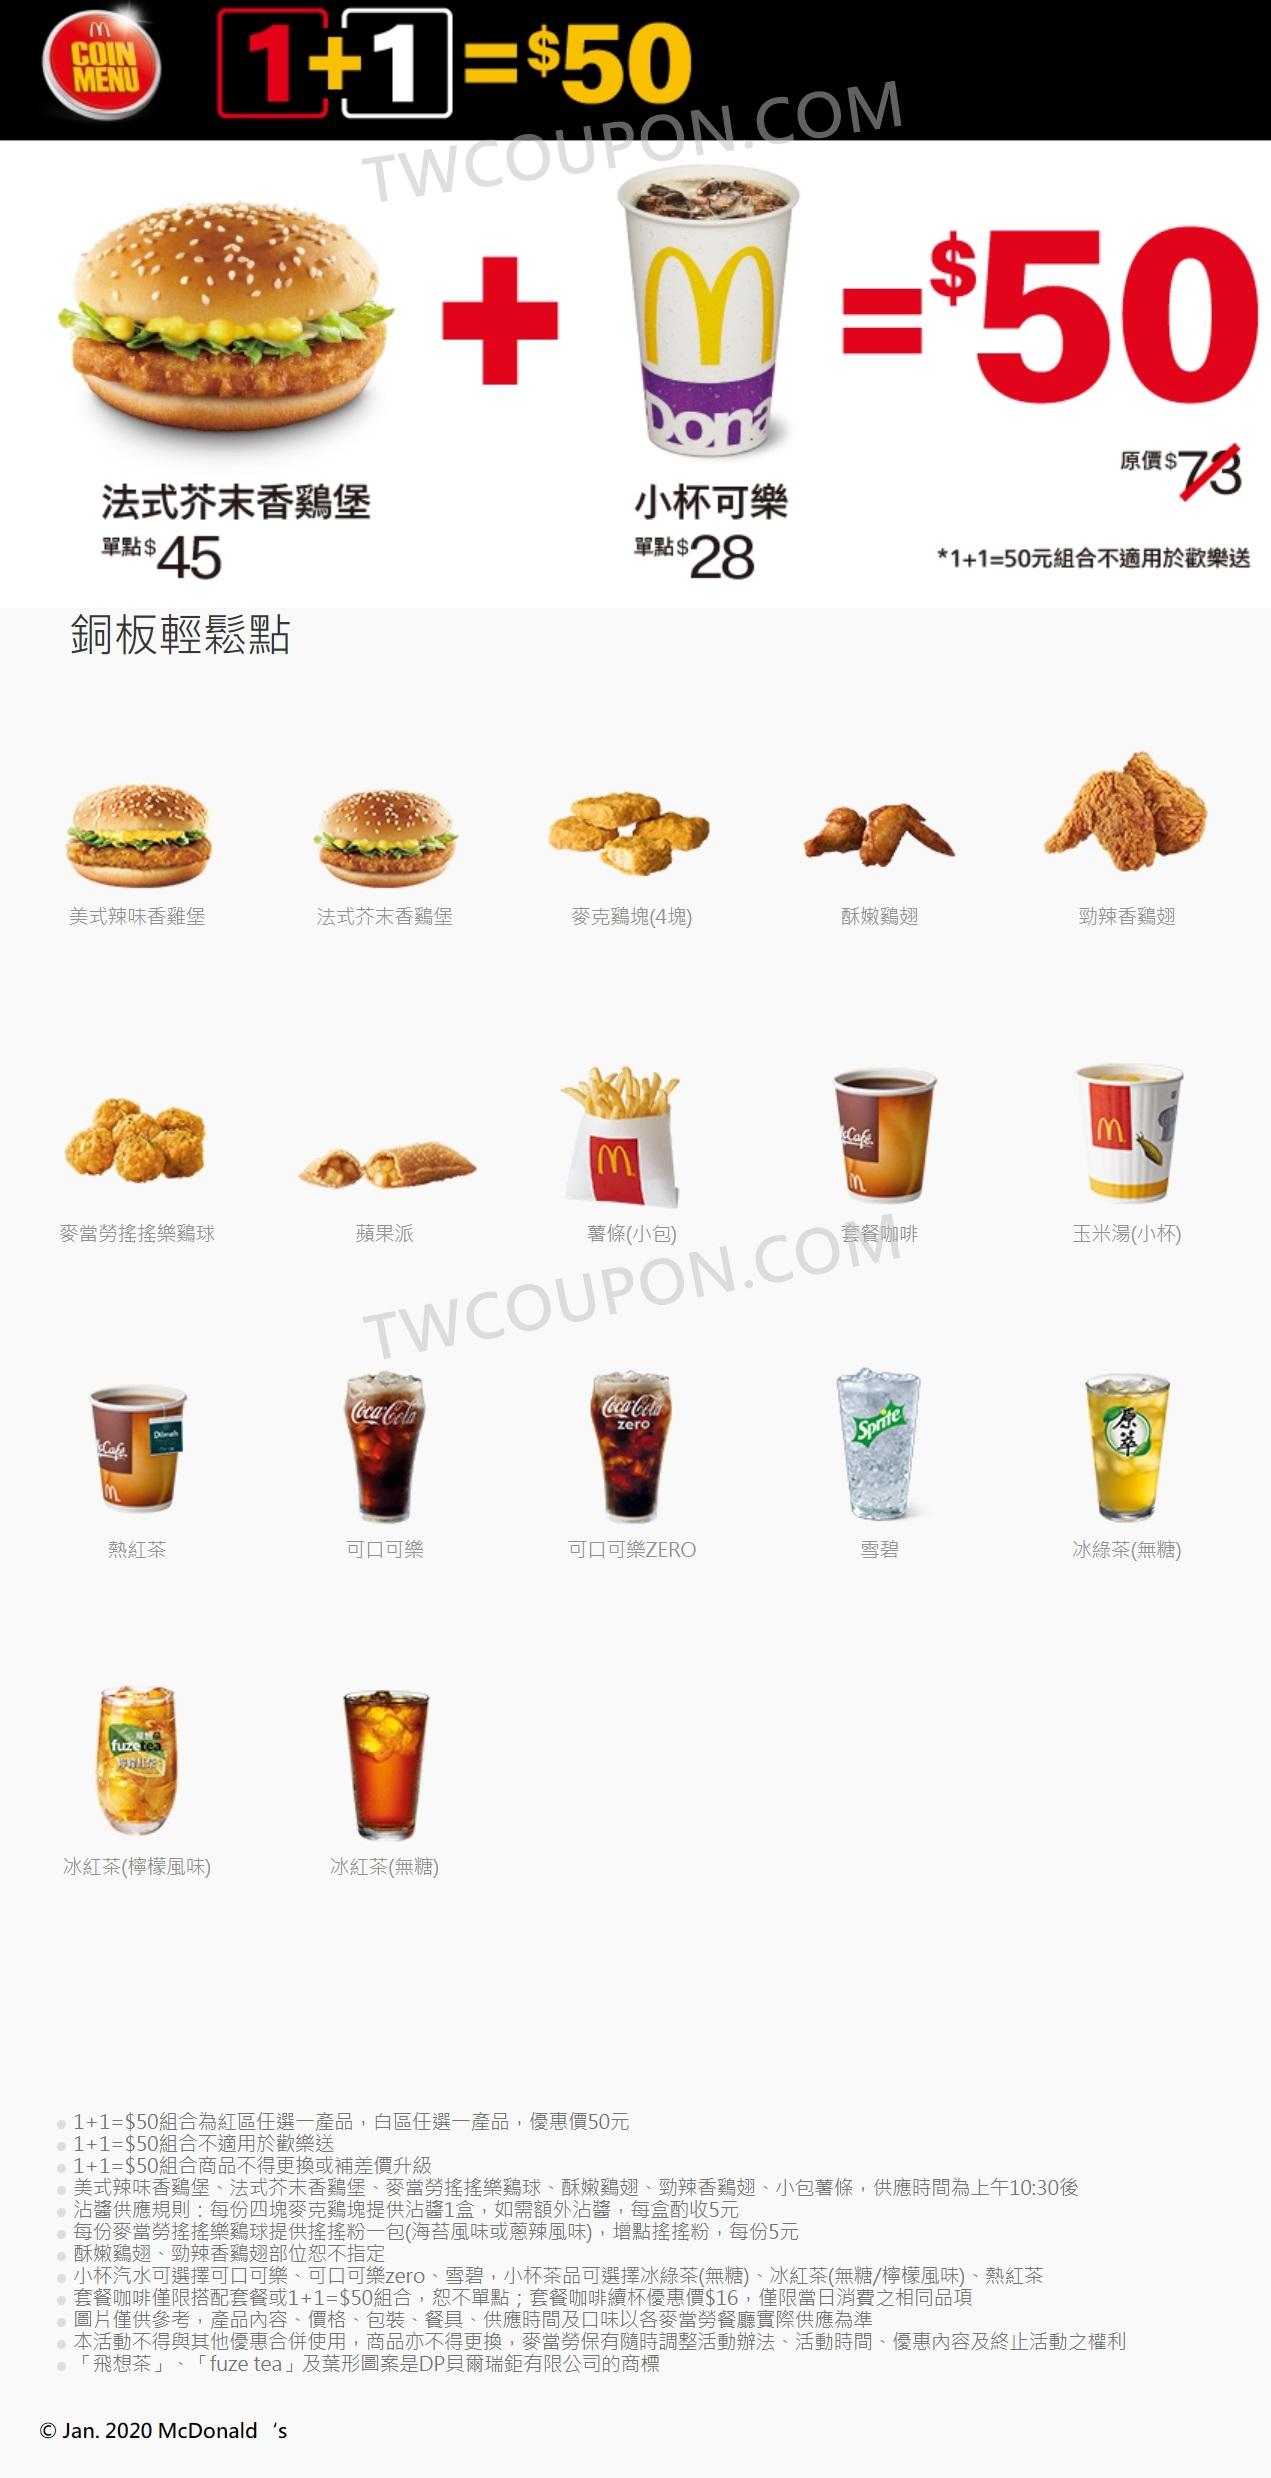 麥當勞 2017 新超值全餐 自由配